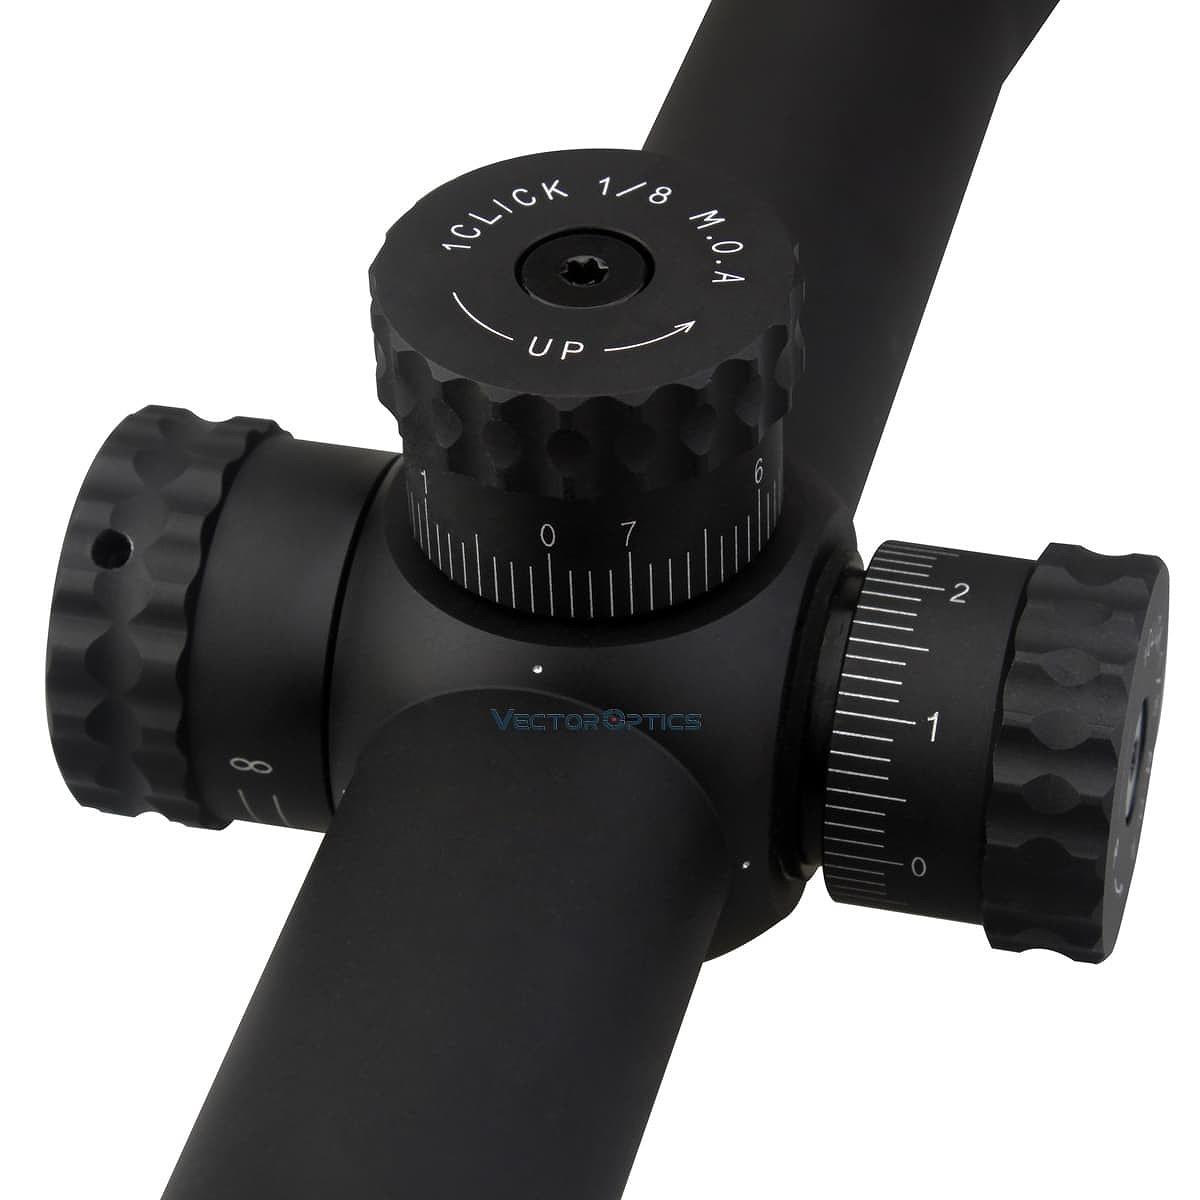 【お届け予定日: 6月30日】ベクターオプティクス ライフルスコープ Sentinel 8-32x50 GenII  Vector Optics SCOL-05